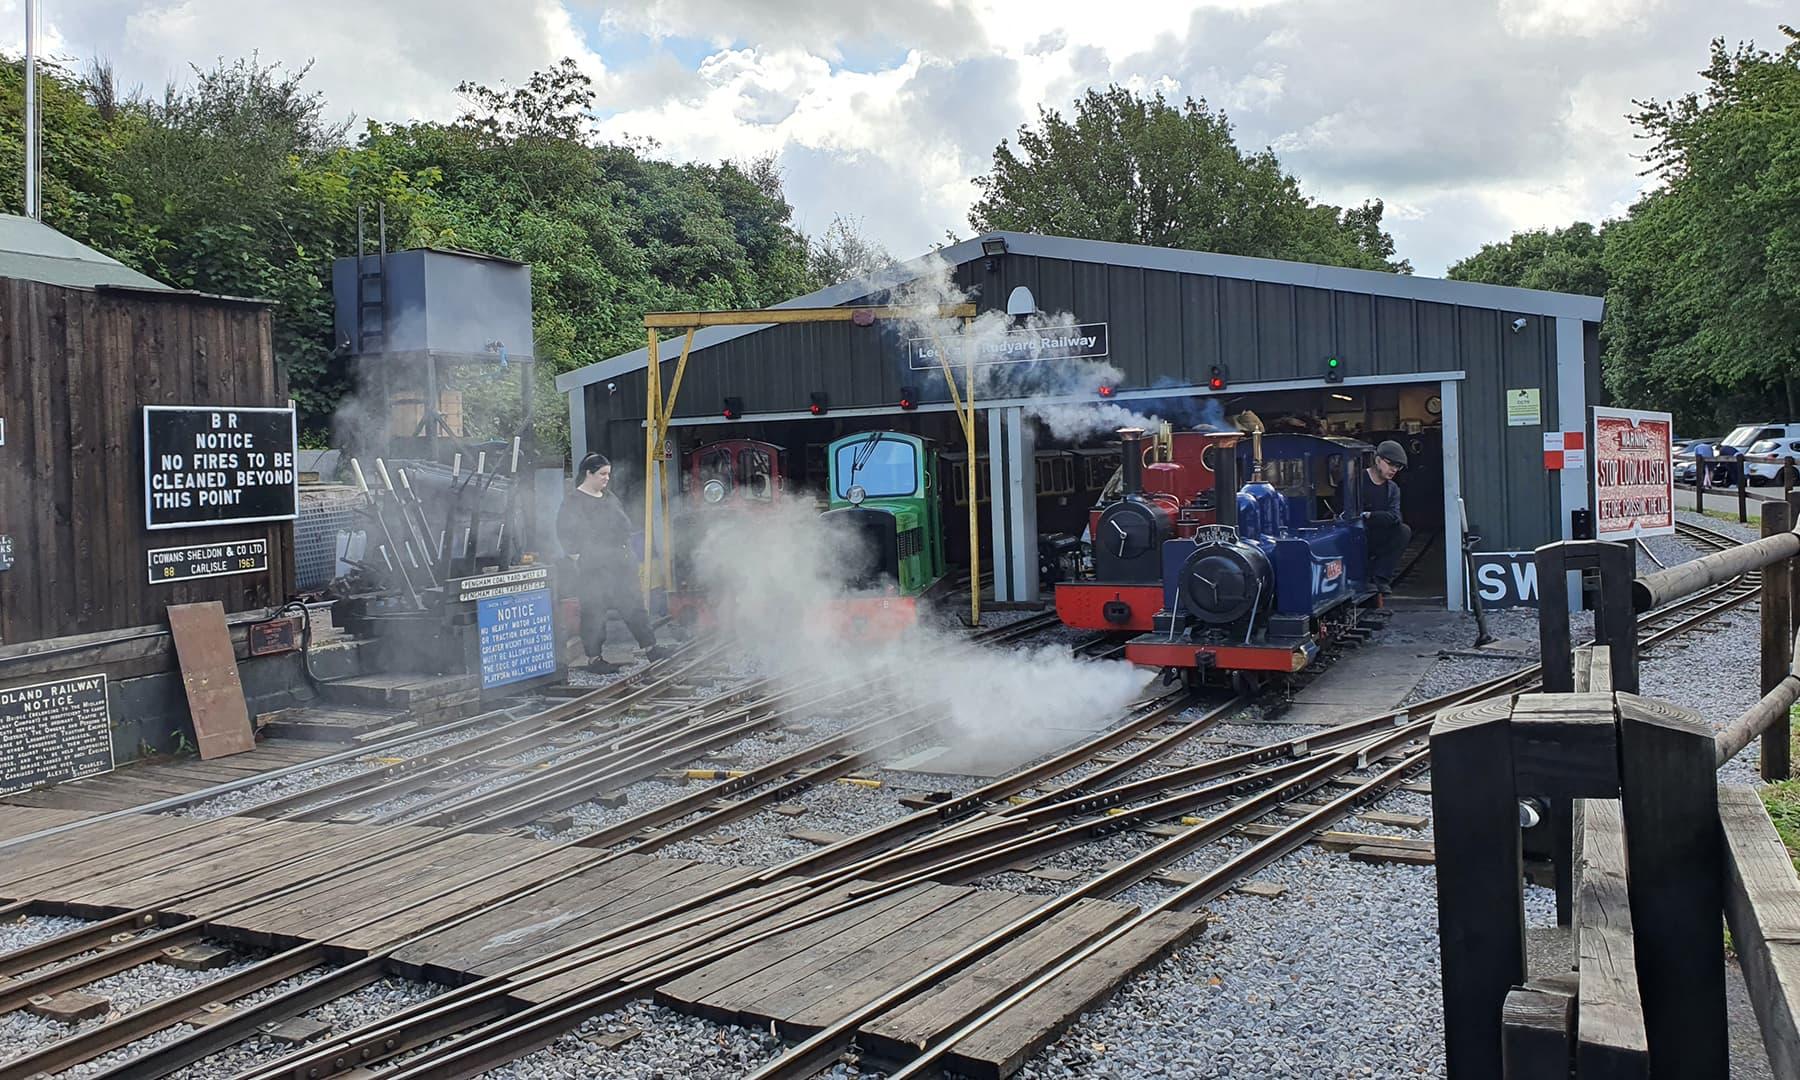 سیاحوں کو متوجہ کرنے کے لیے بھاپ کی مدد سے چلنے والی چھوٹی ٹرین